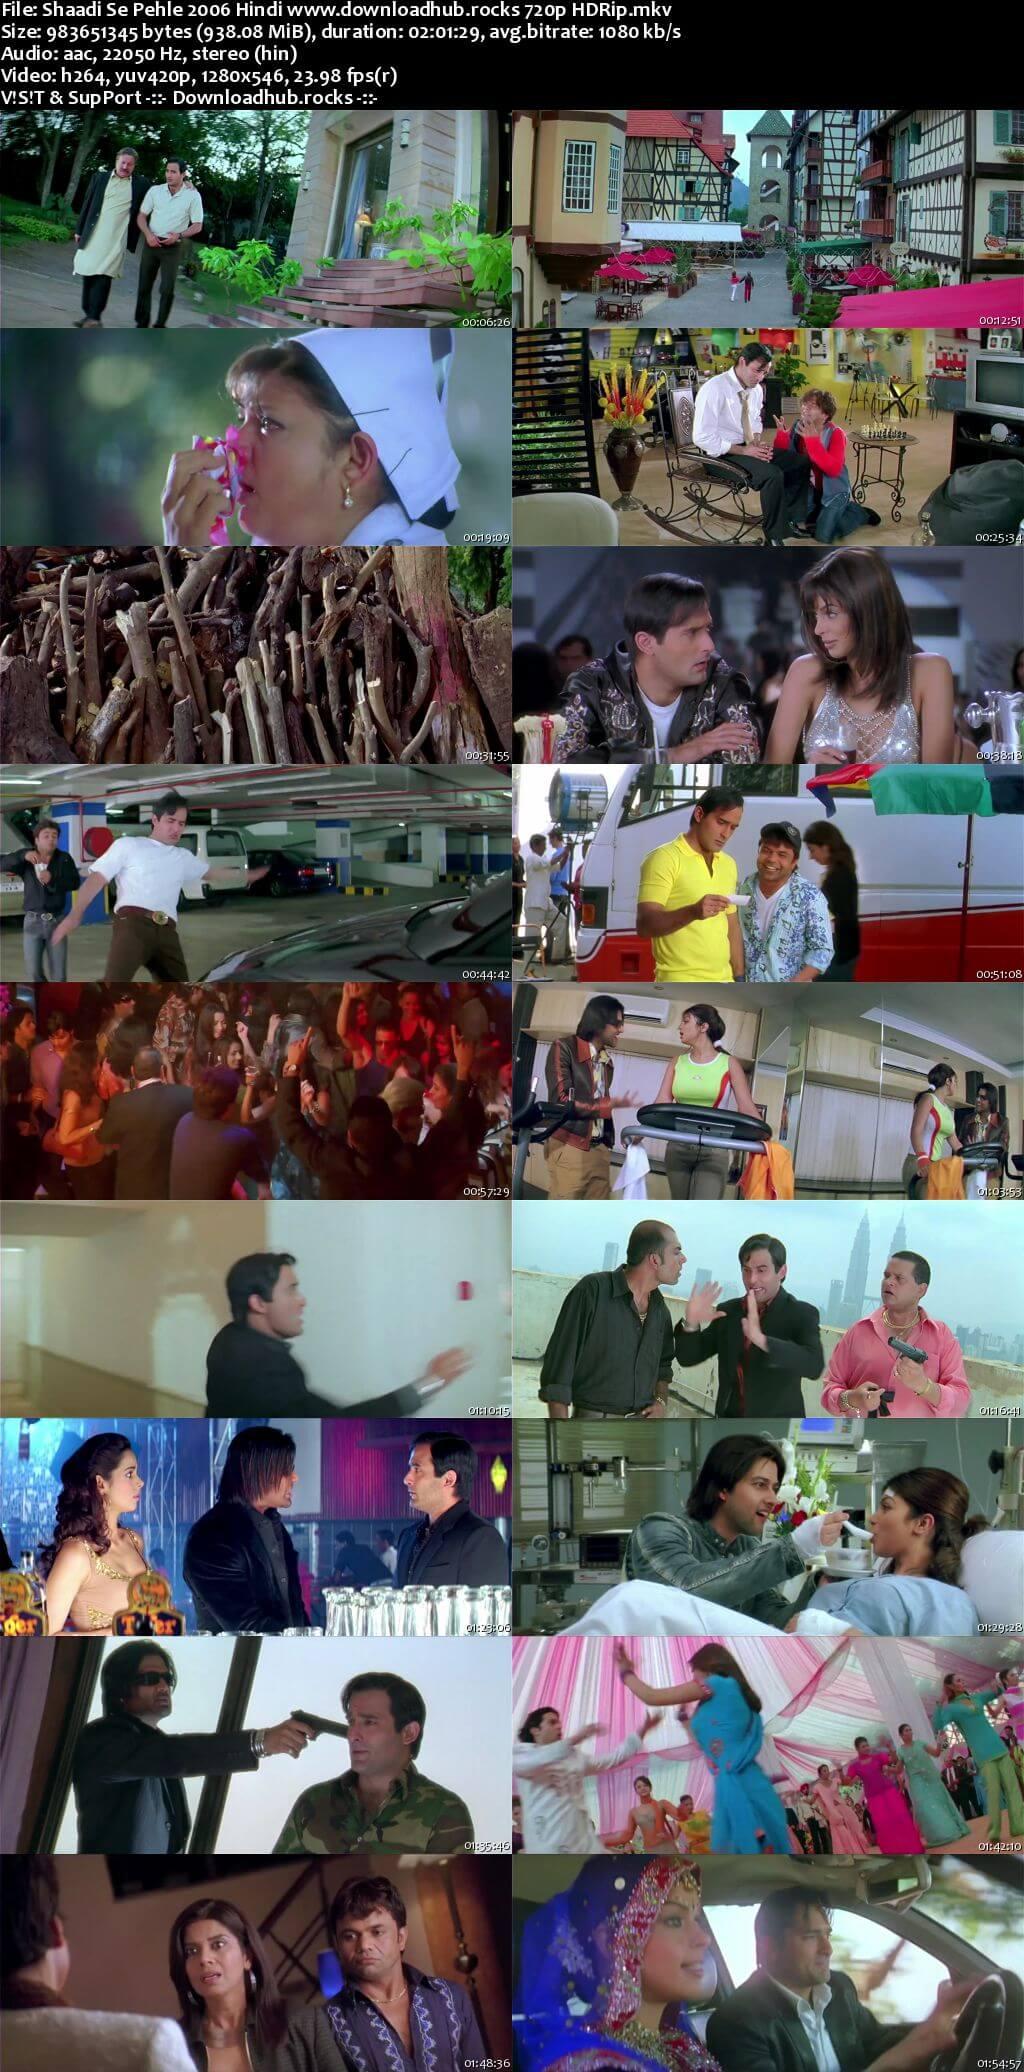 Shaadi Se Pehle 2006 Hindi 720p HDRip x264